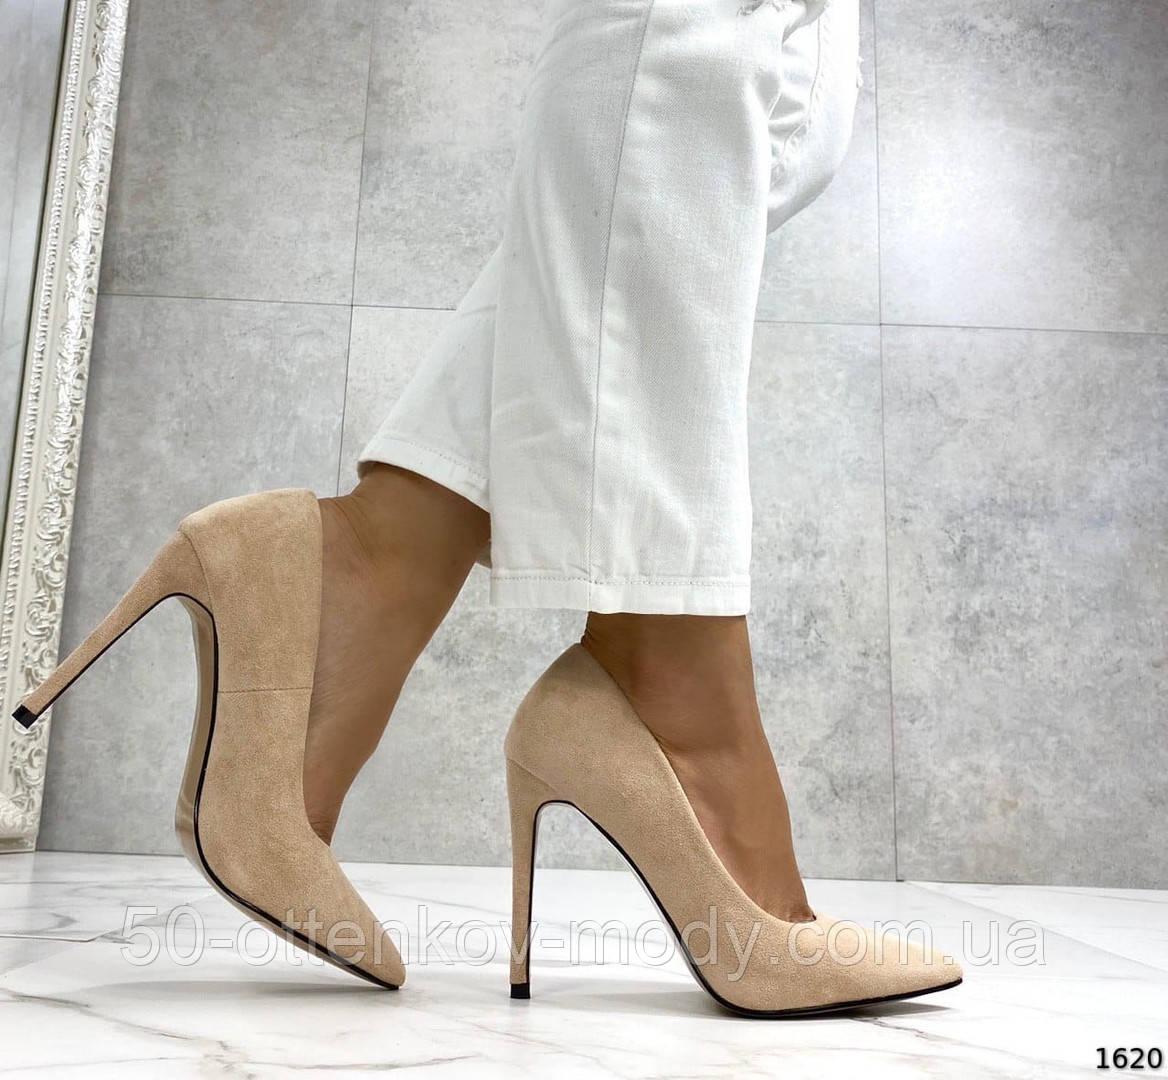 Жіночі туфлі човники на шпильці бежеві замш